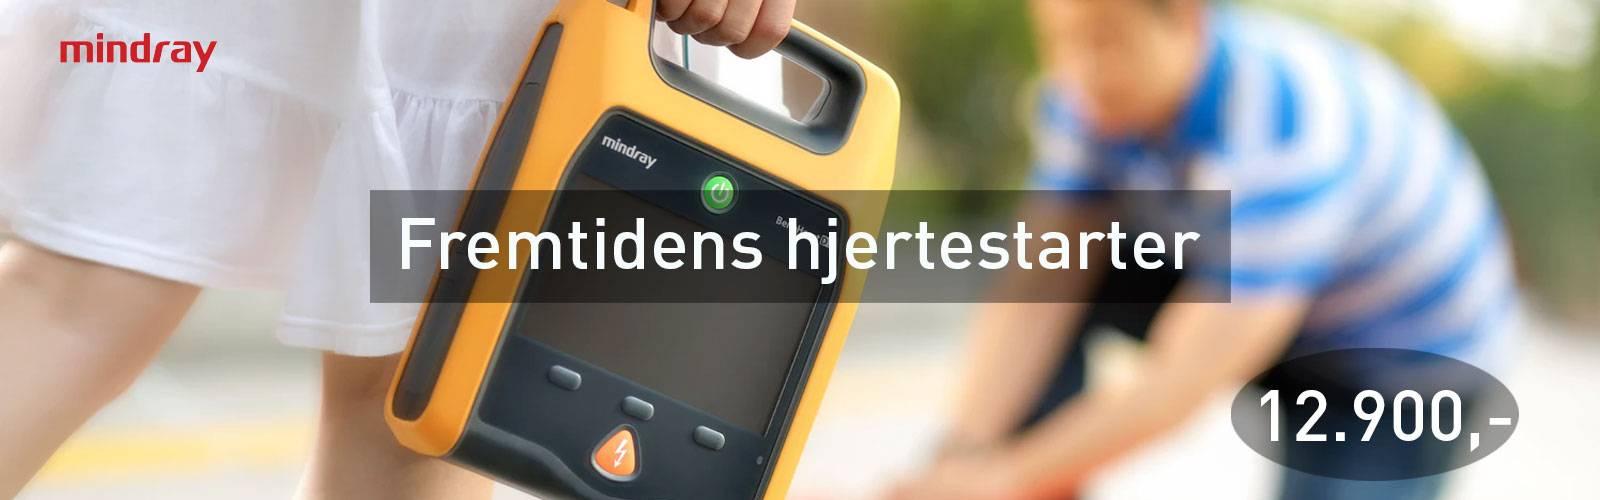 Mindray hjertestarter billig hjertestarter førstehjelpsutstyr